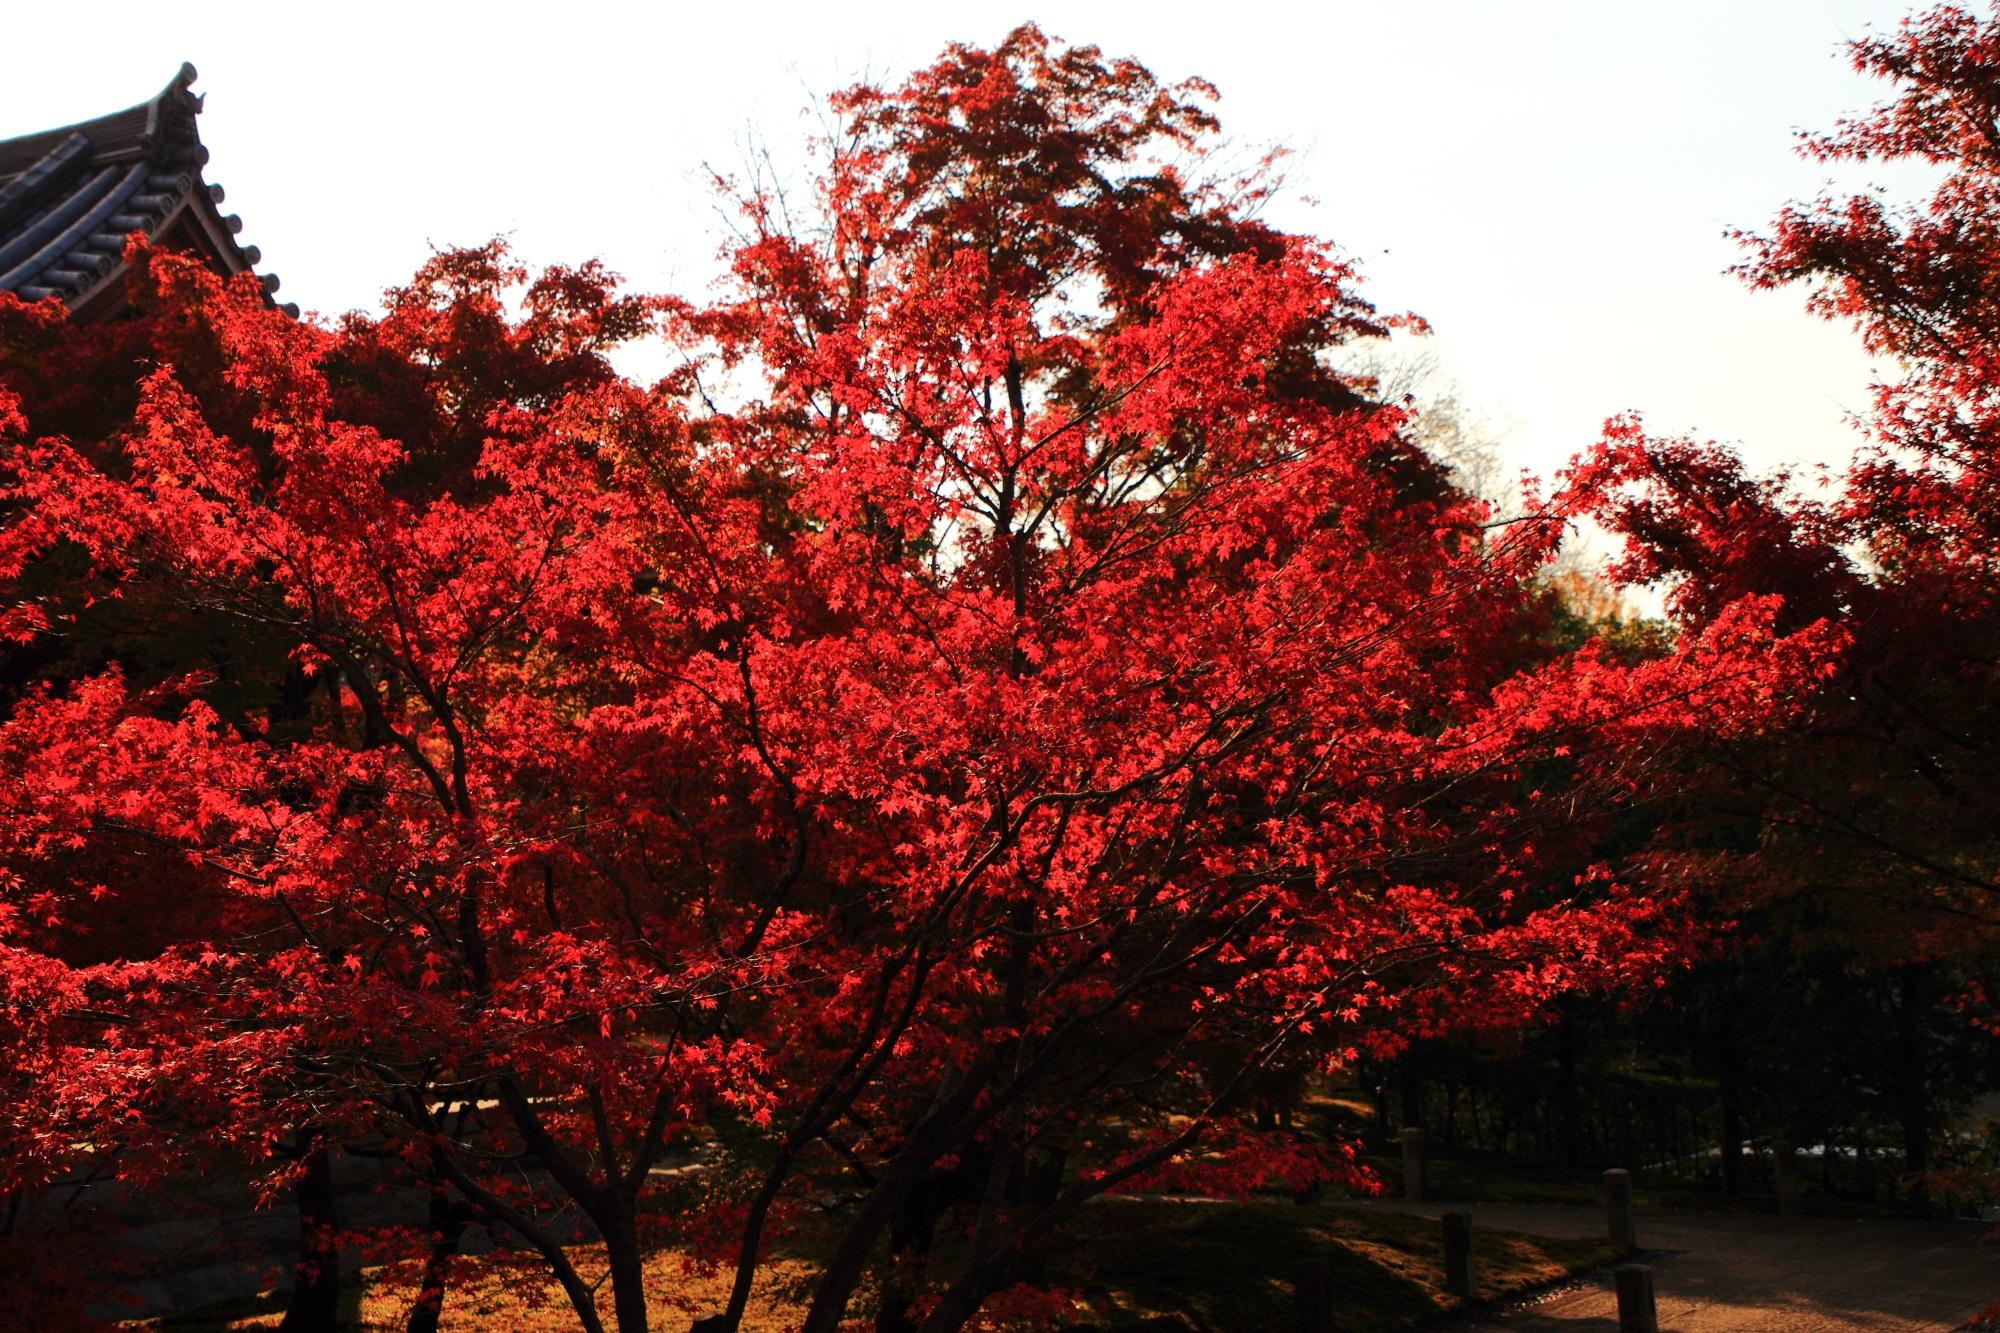 鐘楼を秋色に染める燃えるような真っ赤な紅葉